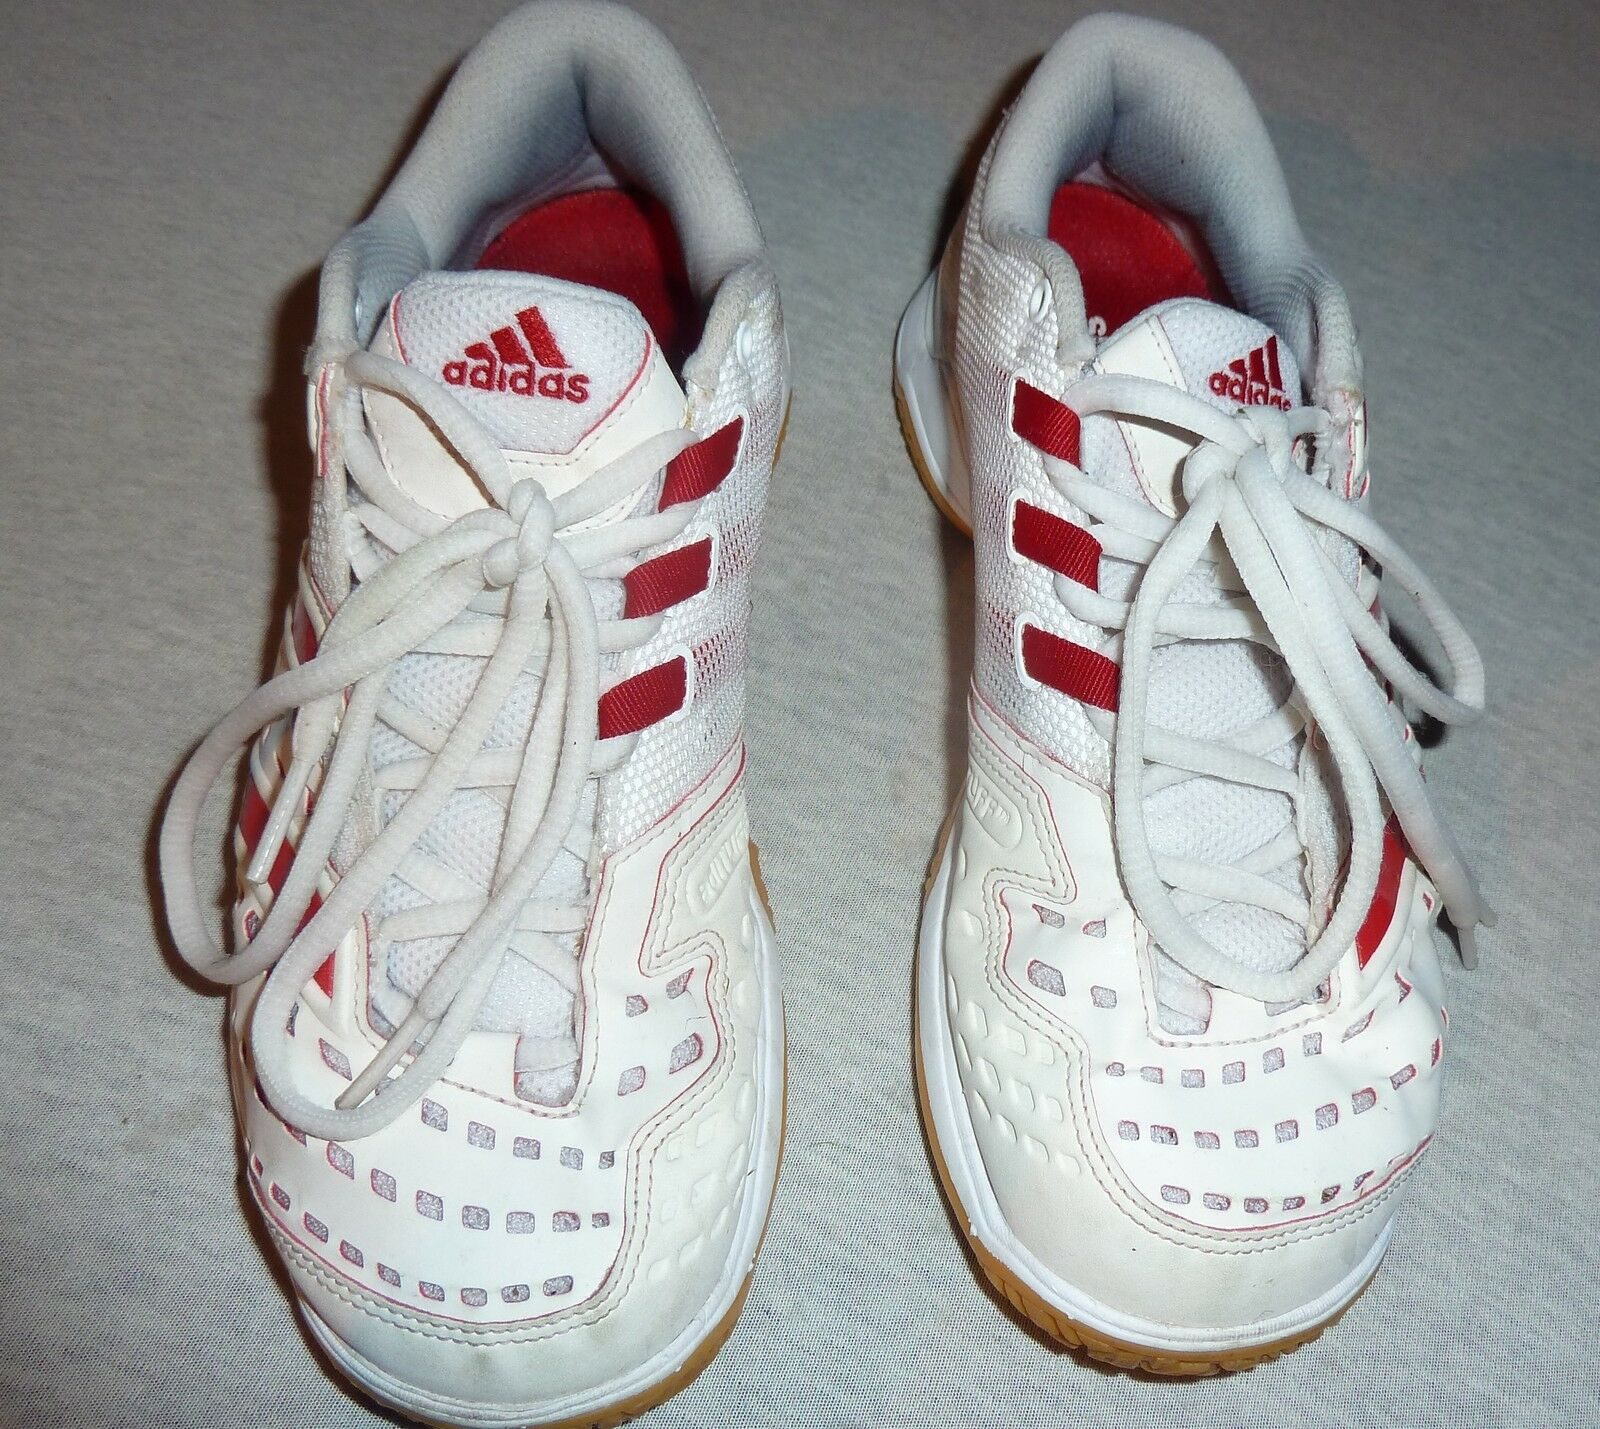 Adidas -  Sportschuh - Größe Turnschuh - Sneaker - Größe - 38 - rot/weiß 8da727